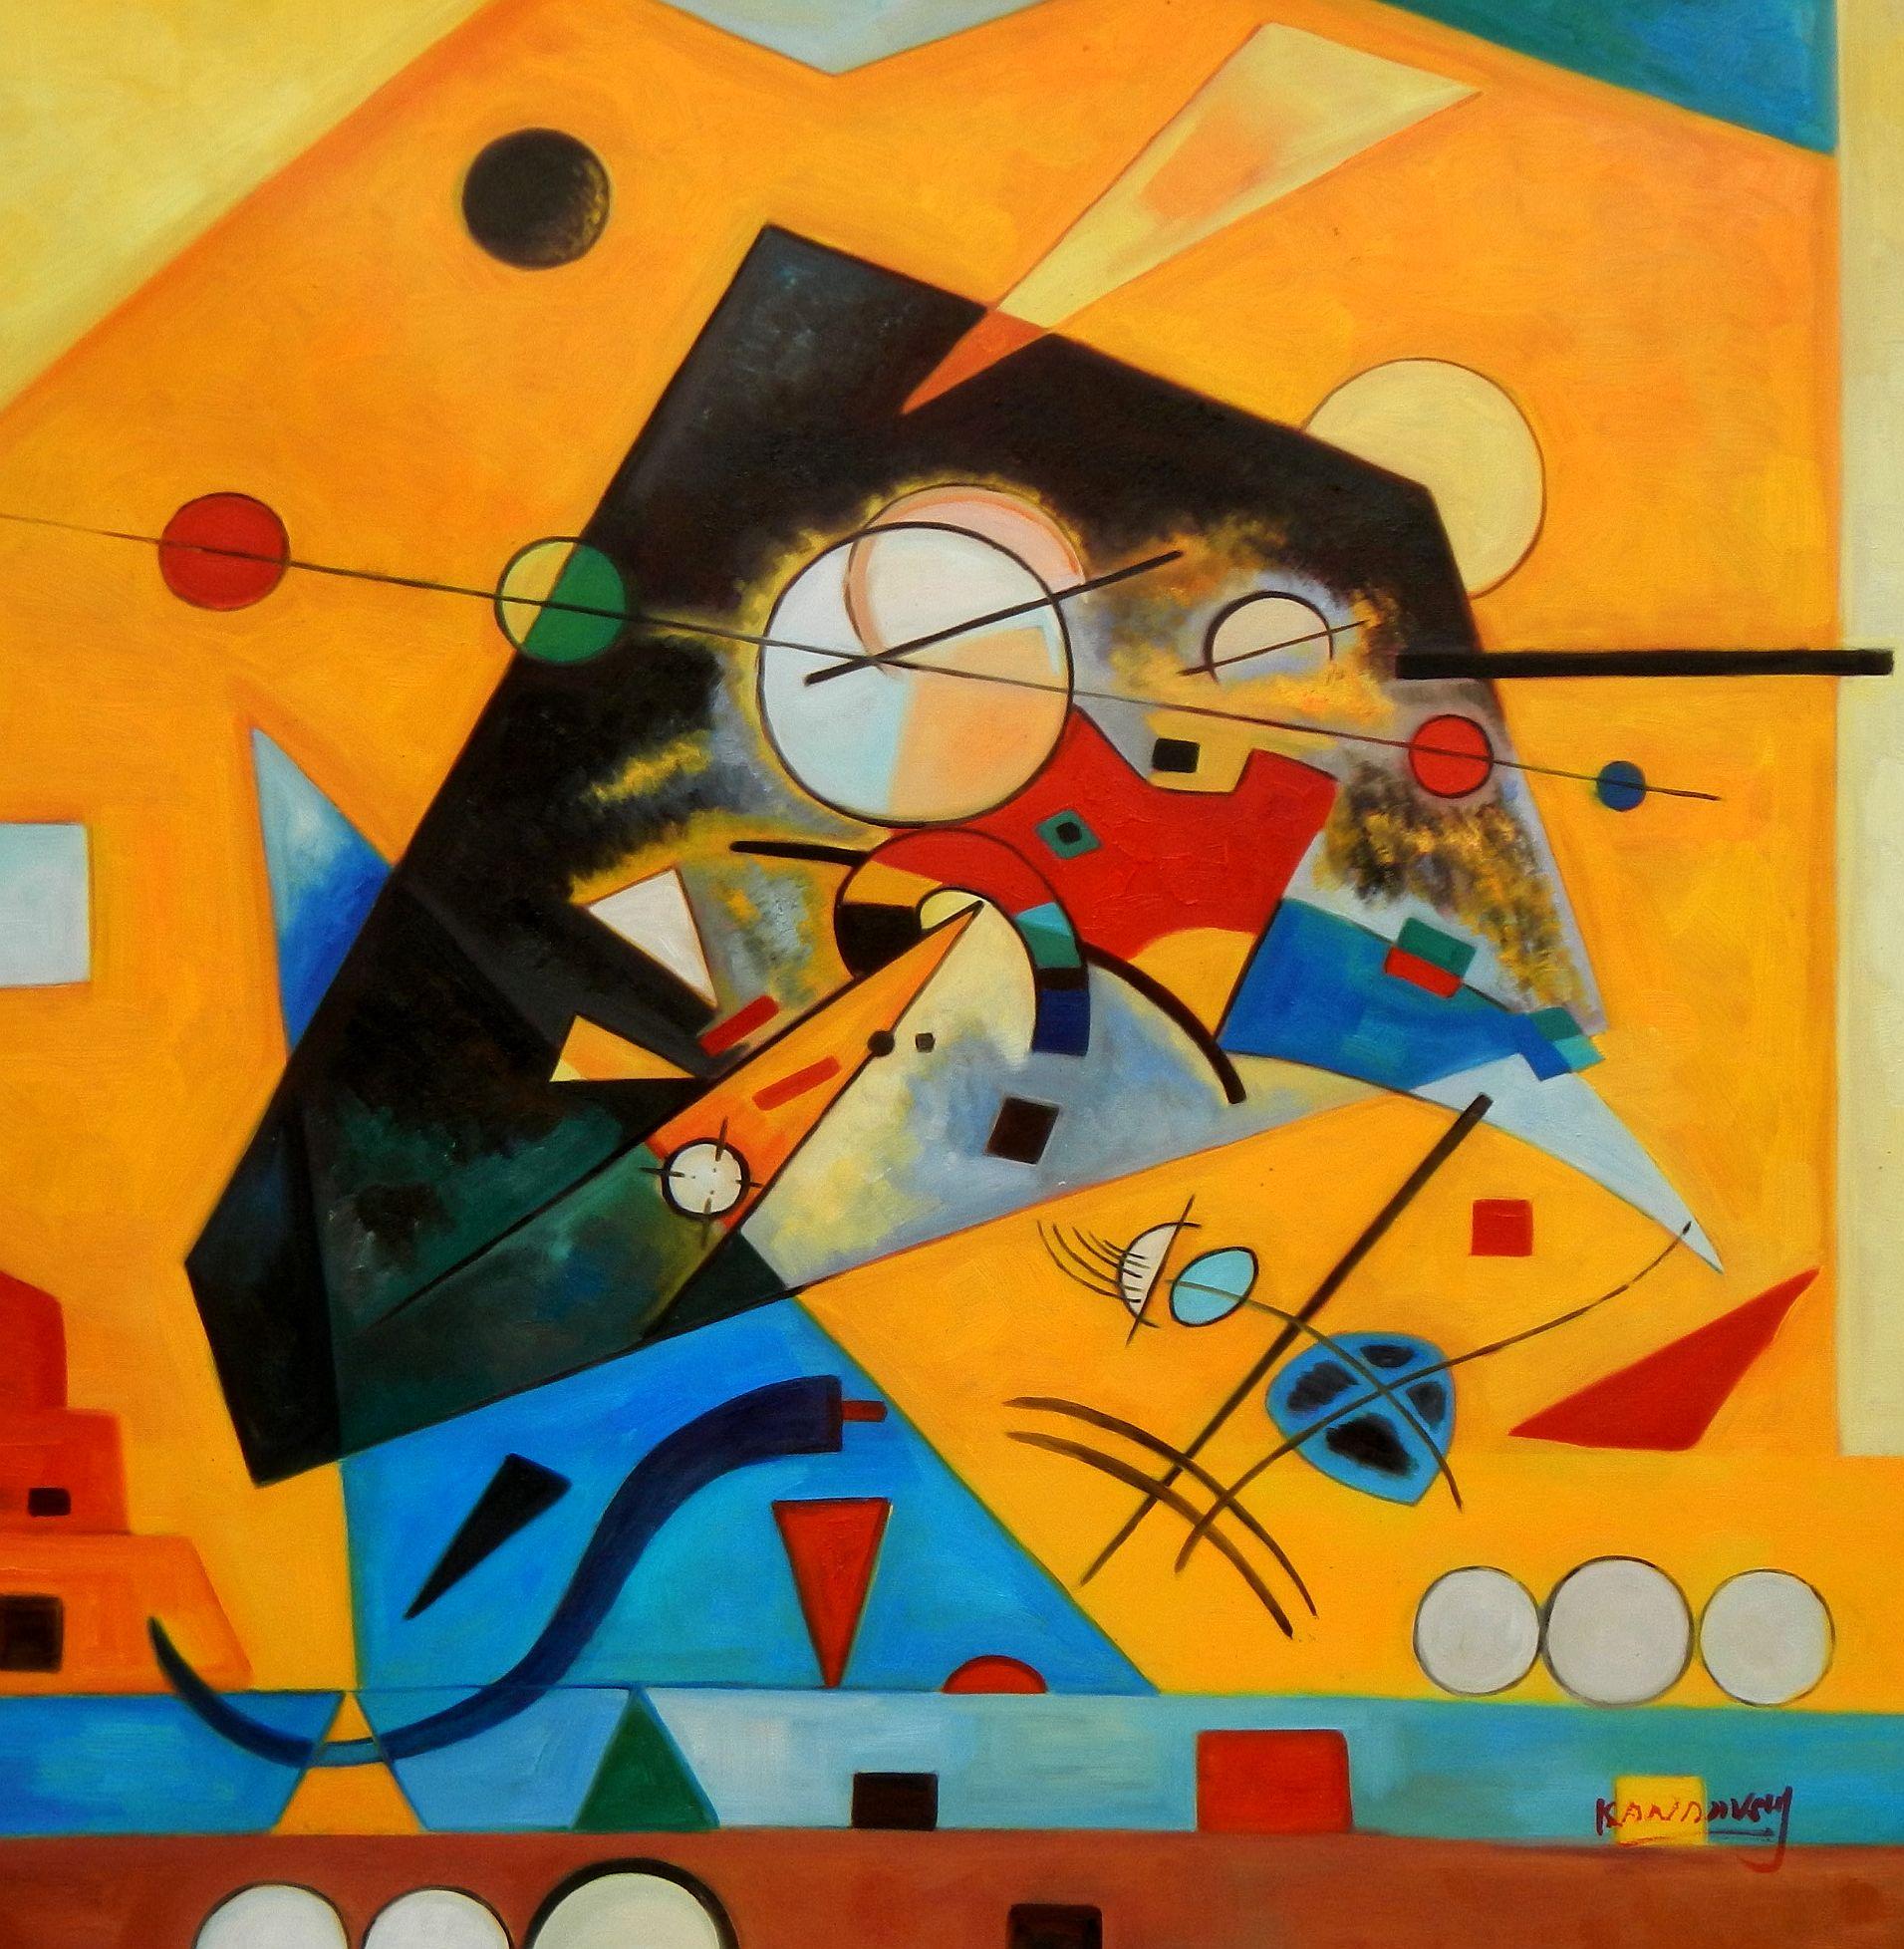 Wassily Kandinsky - Harmonie tranquille g94644 80x80cm Ölbild handgemalt